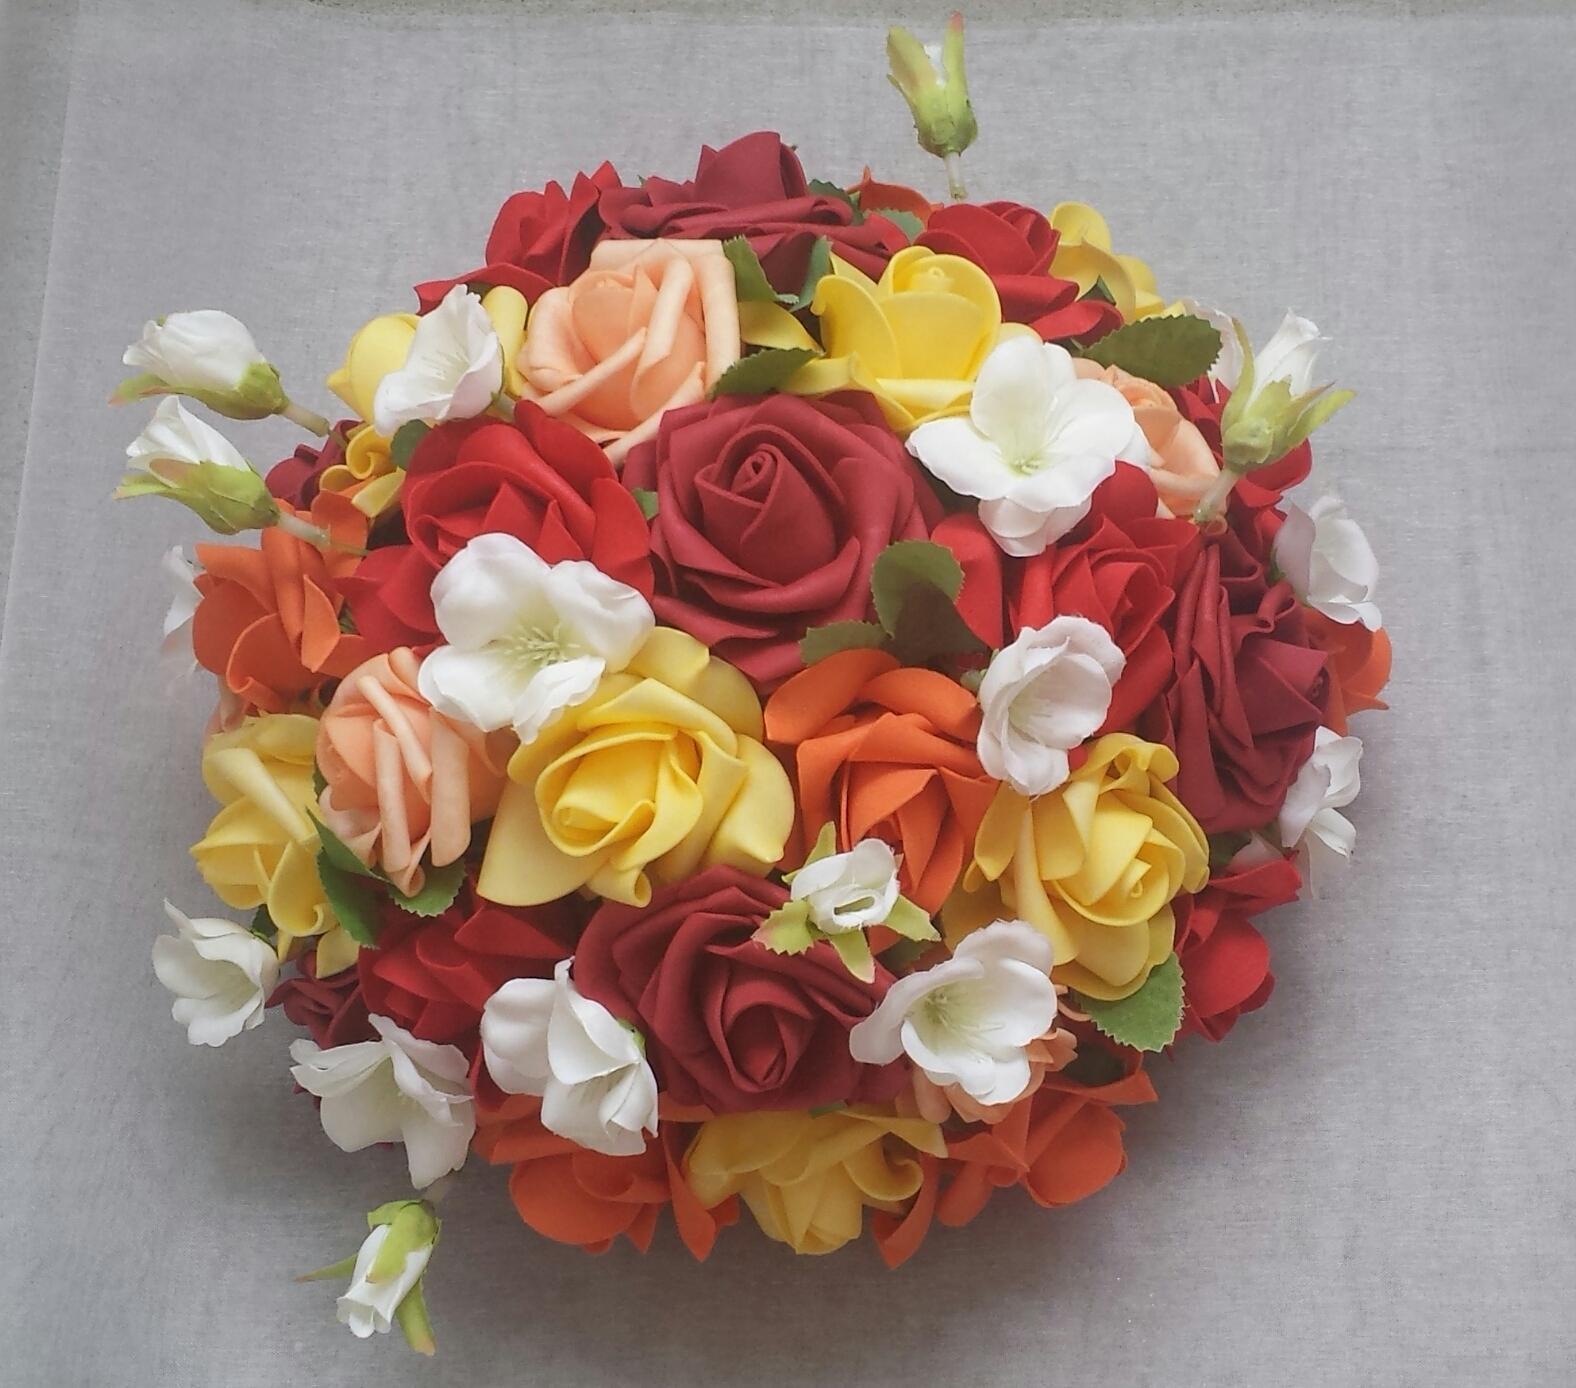 Buket na svatební auto podzimní - Obrázek č. 1